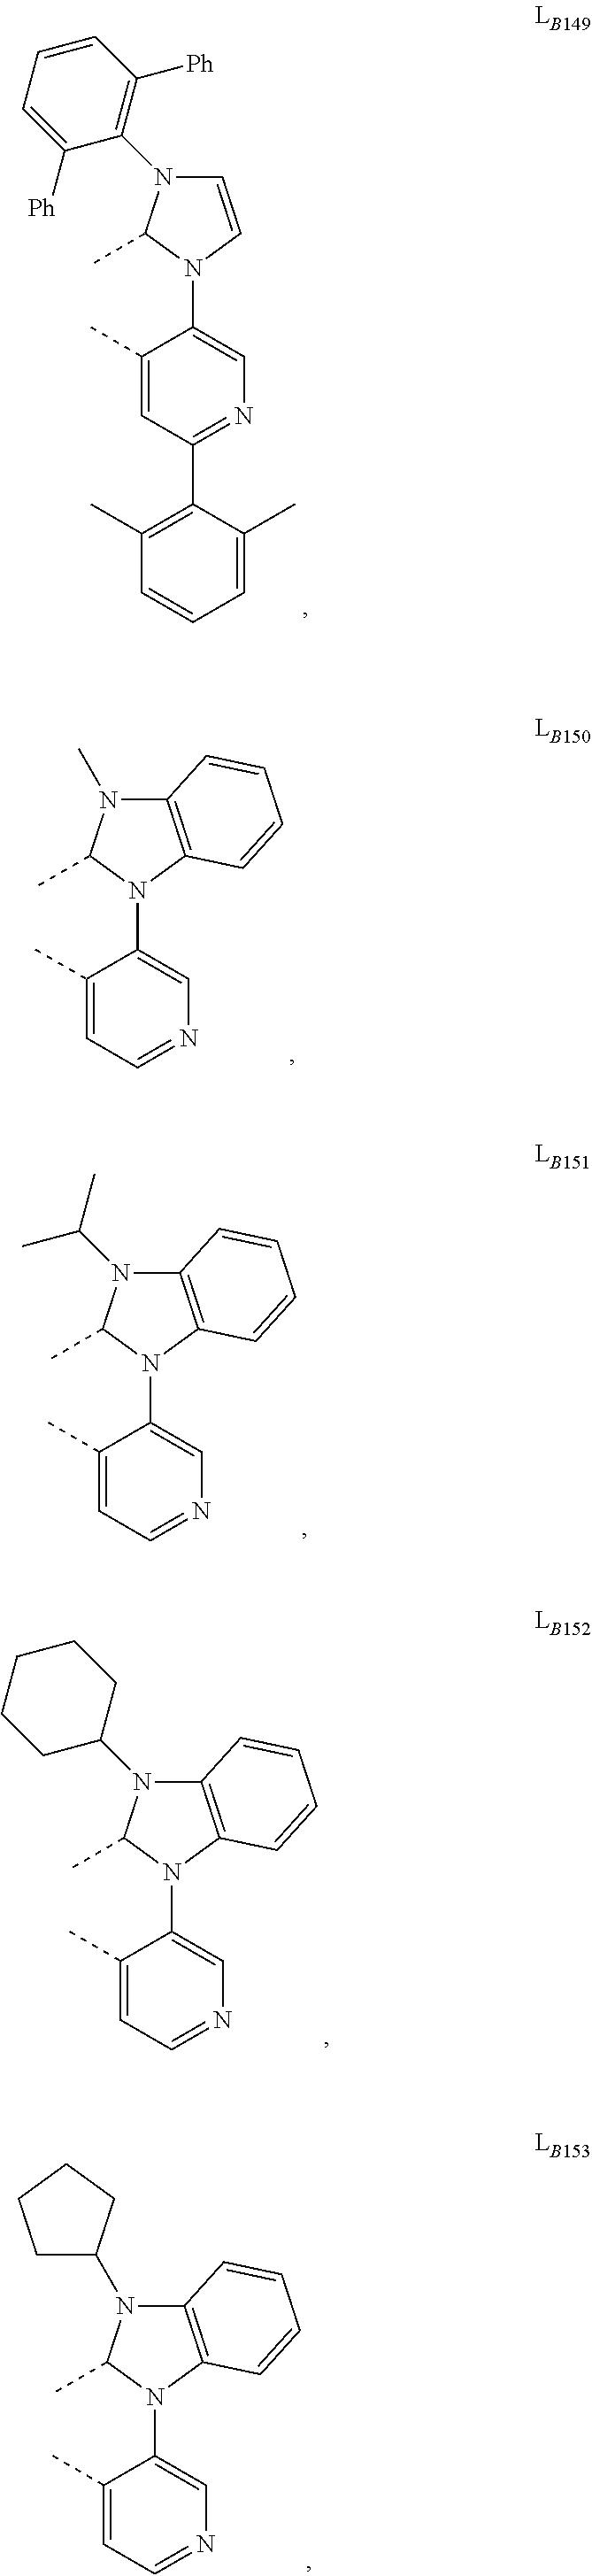 Figure US09905785-20180227-C00591